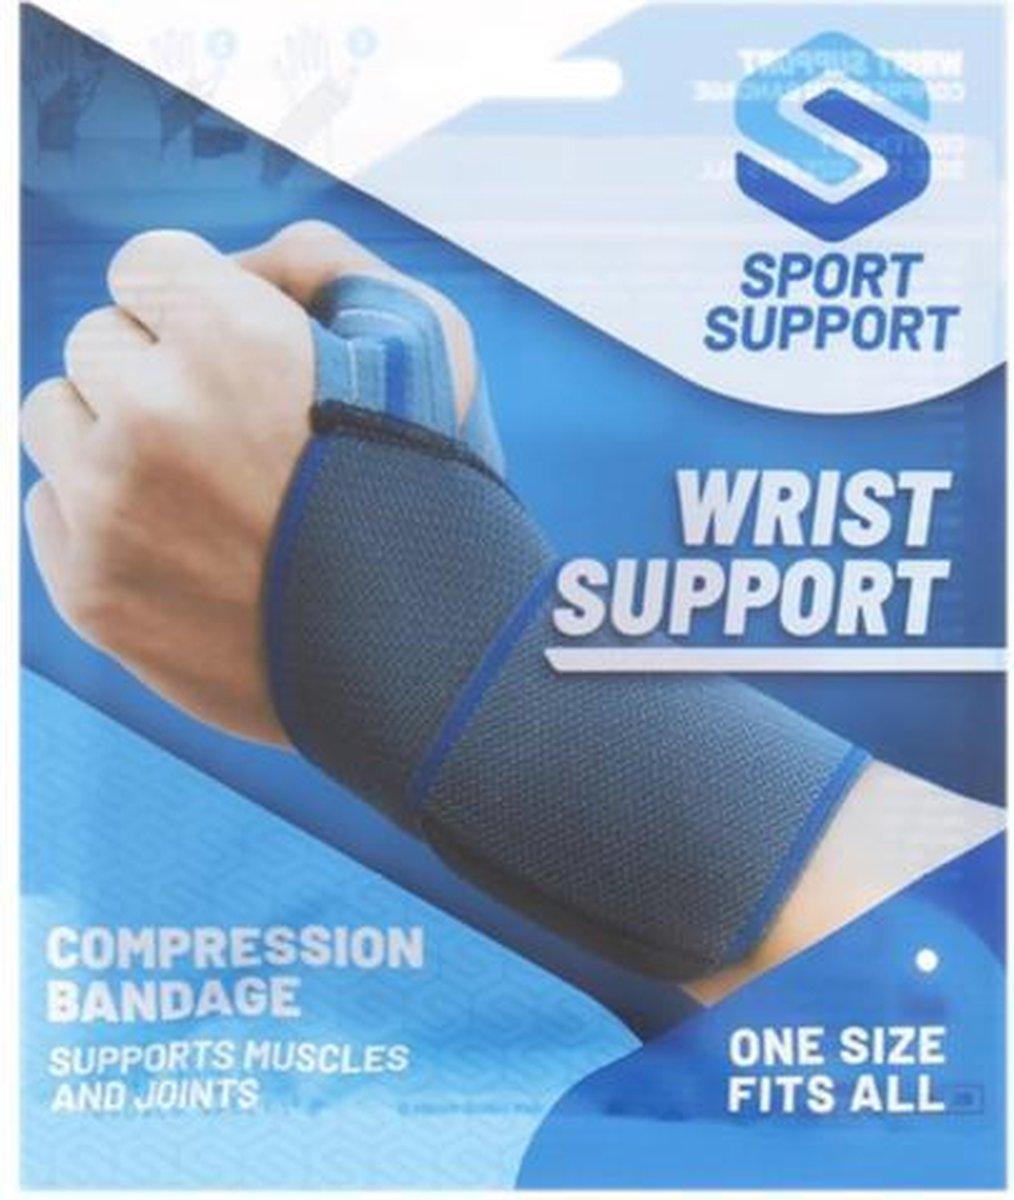 Wrist support Polsbandage | Compressie | steunt spieren en gewrichten | One size | Unisex